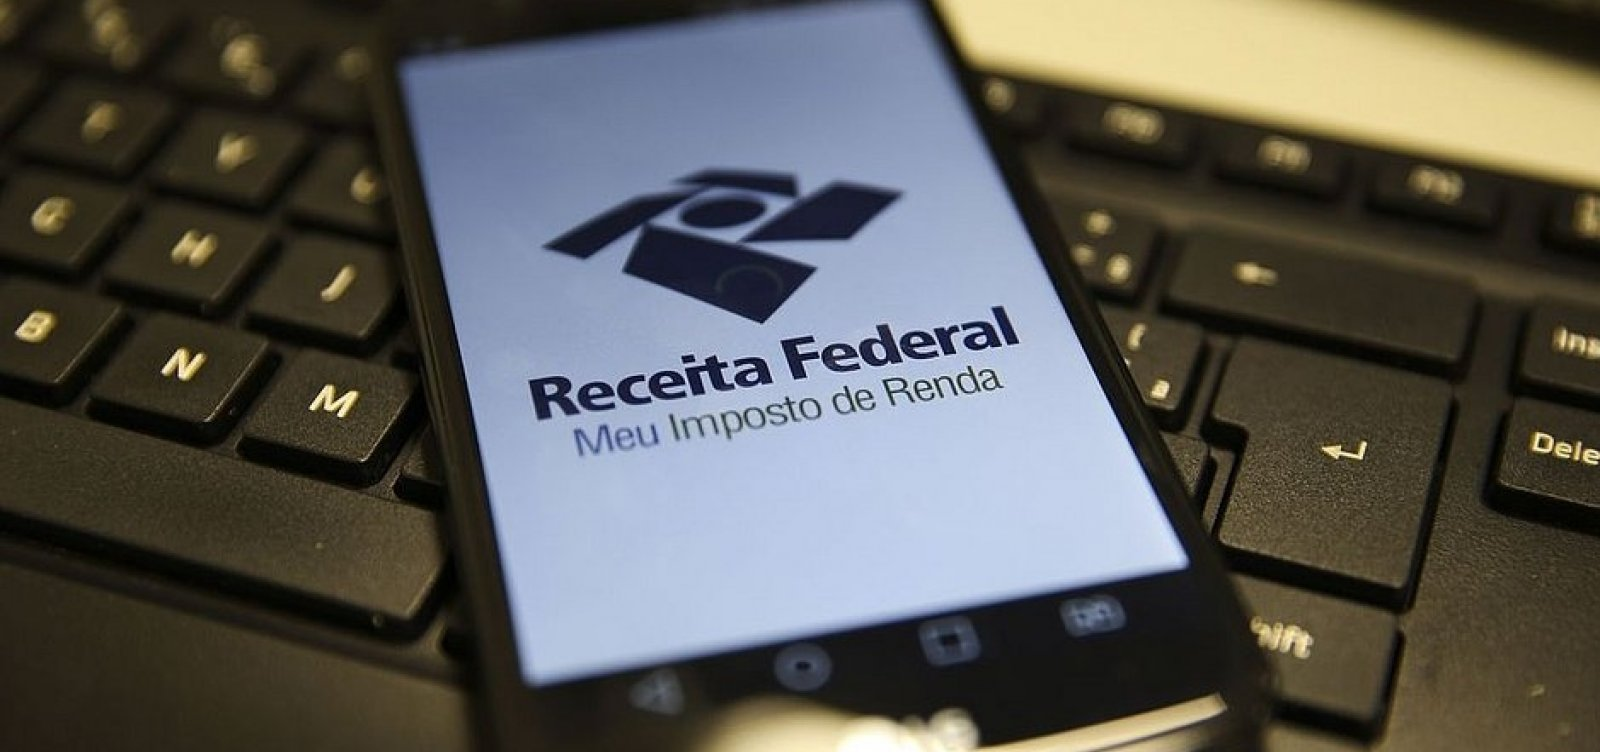 [Programa da declaração do Imposto de Renda está disponível para download]